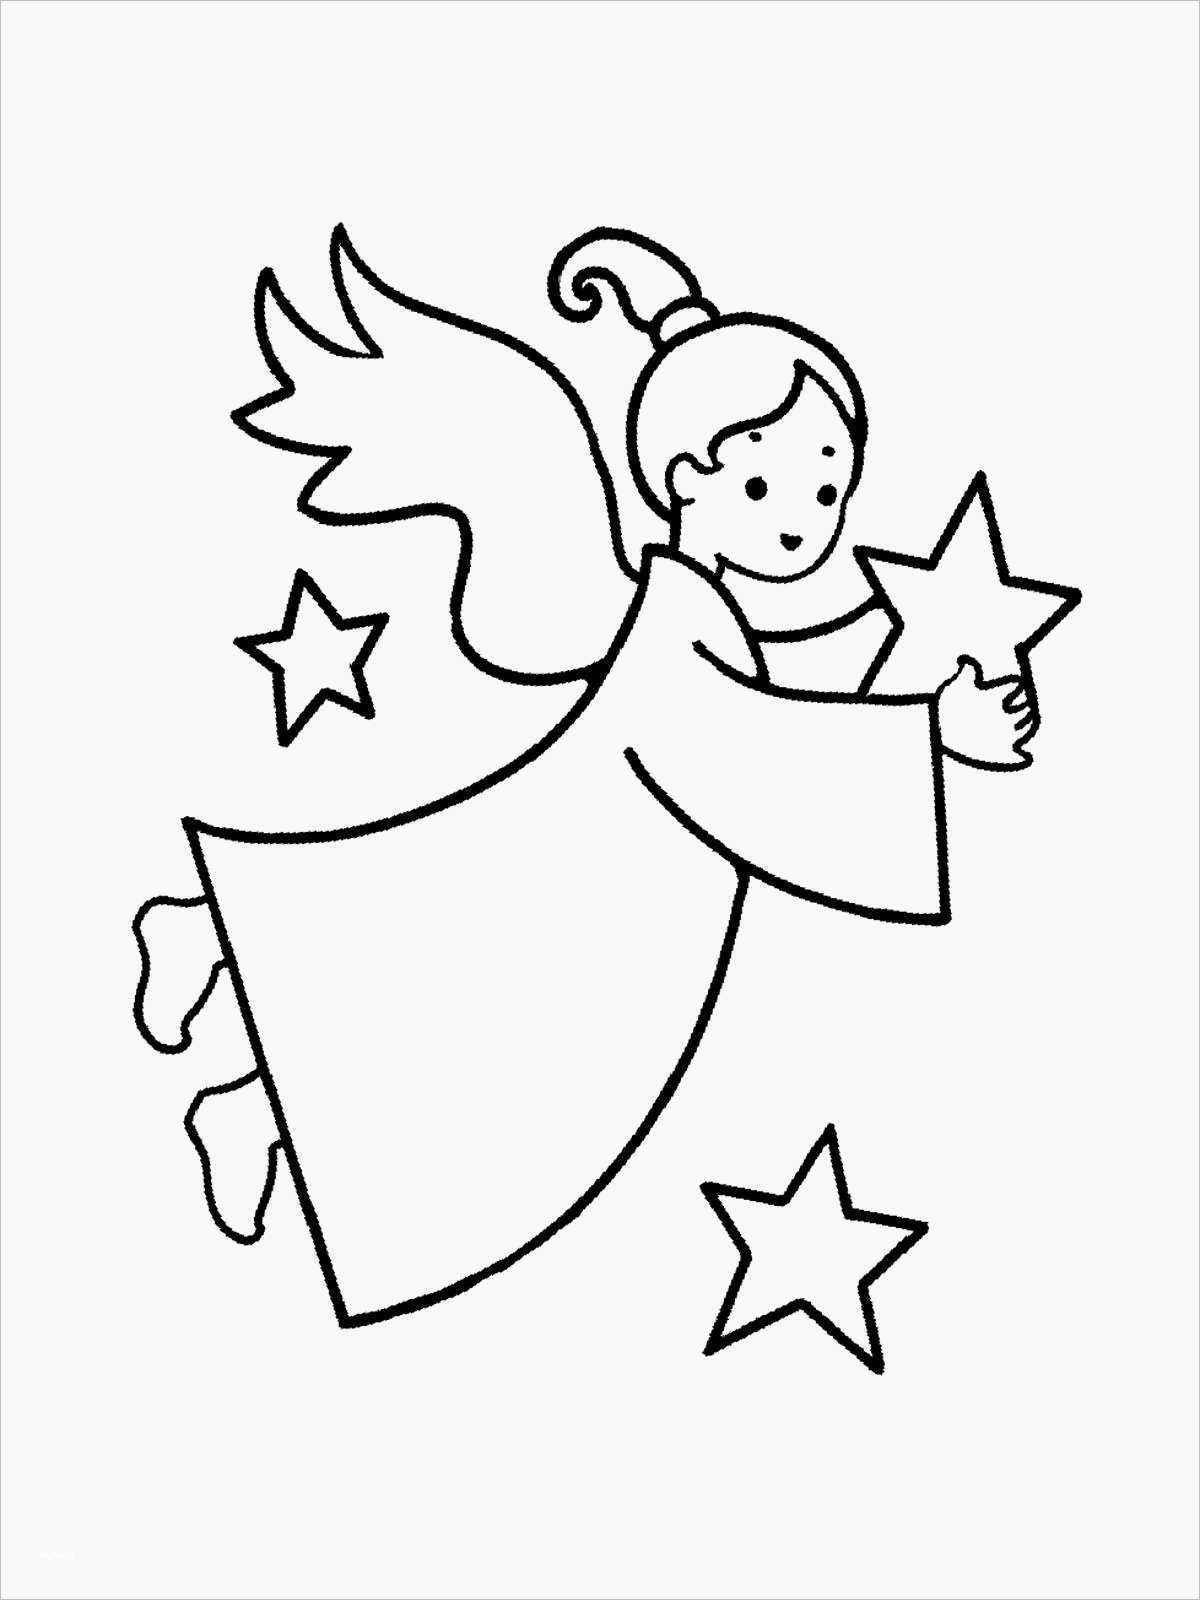 Ausmalbilder Engel Kostenlos Malvorlagen Windowcolor Zum Drucken Steinebemalenvorlagen Ausmalbilder Engel Angel Coloring Pages Coloring Pages Christmas Angels